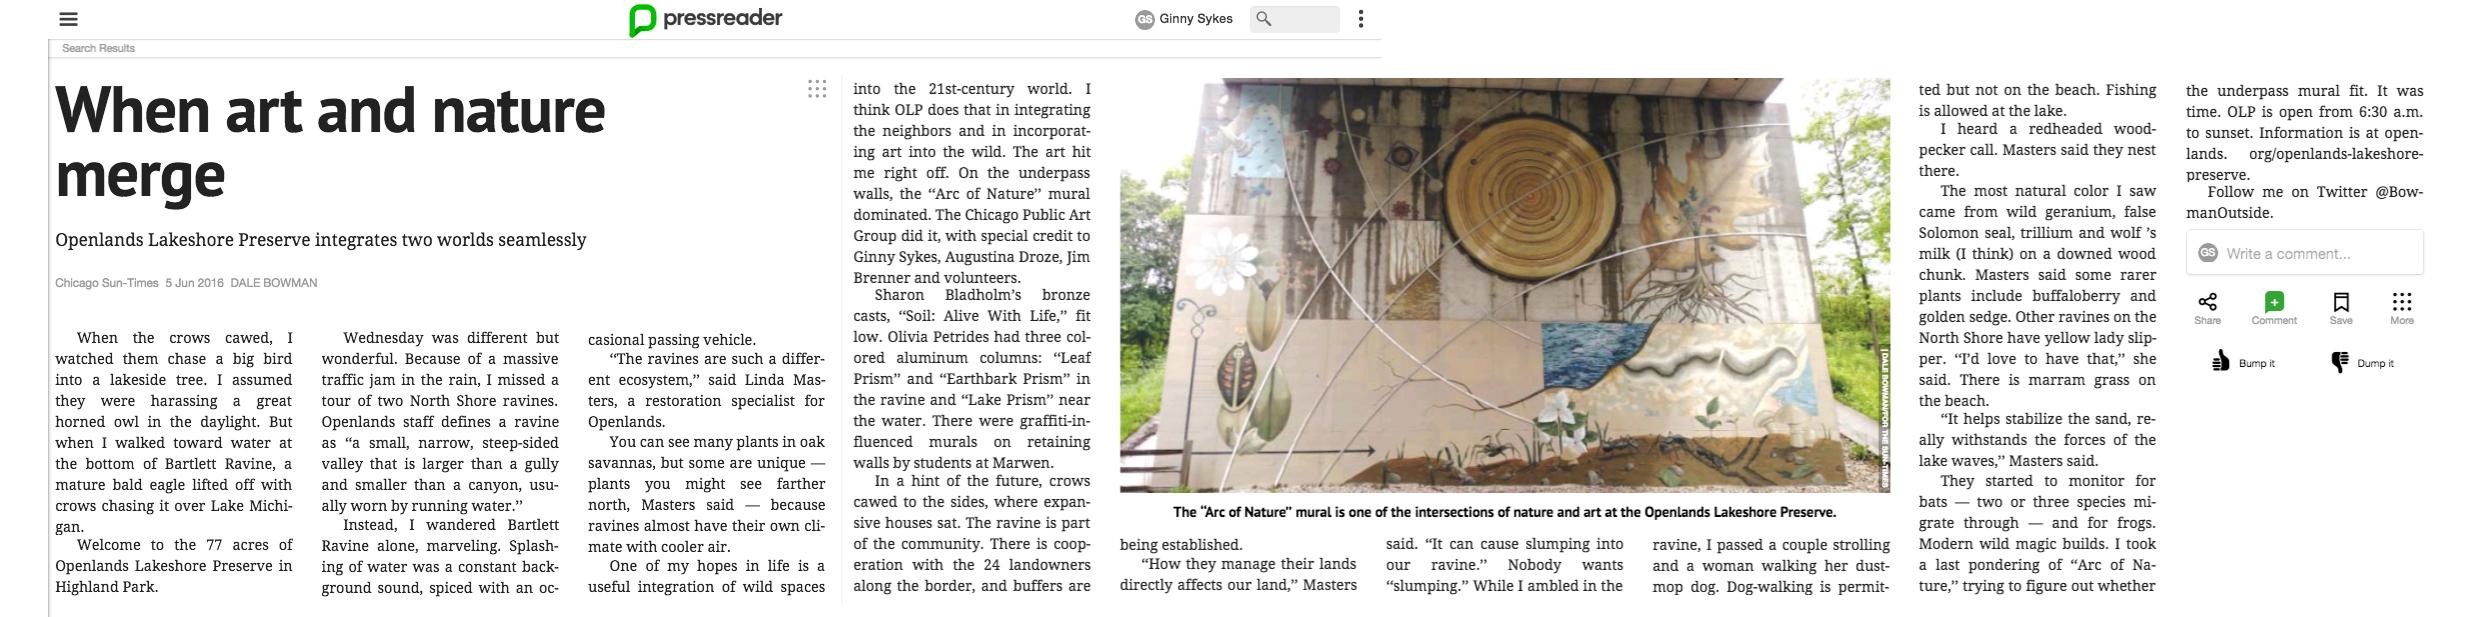 Mural_SunTimes.jpg